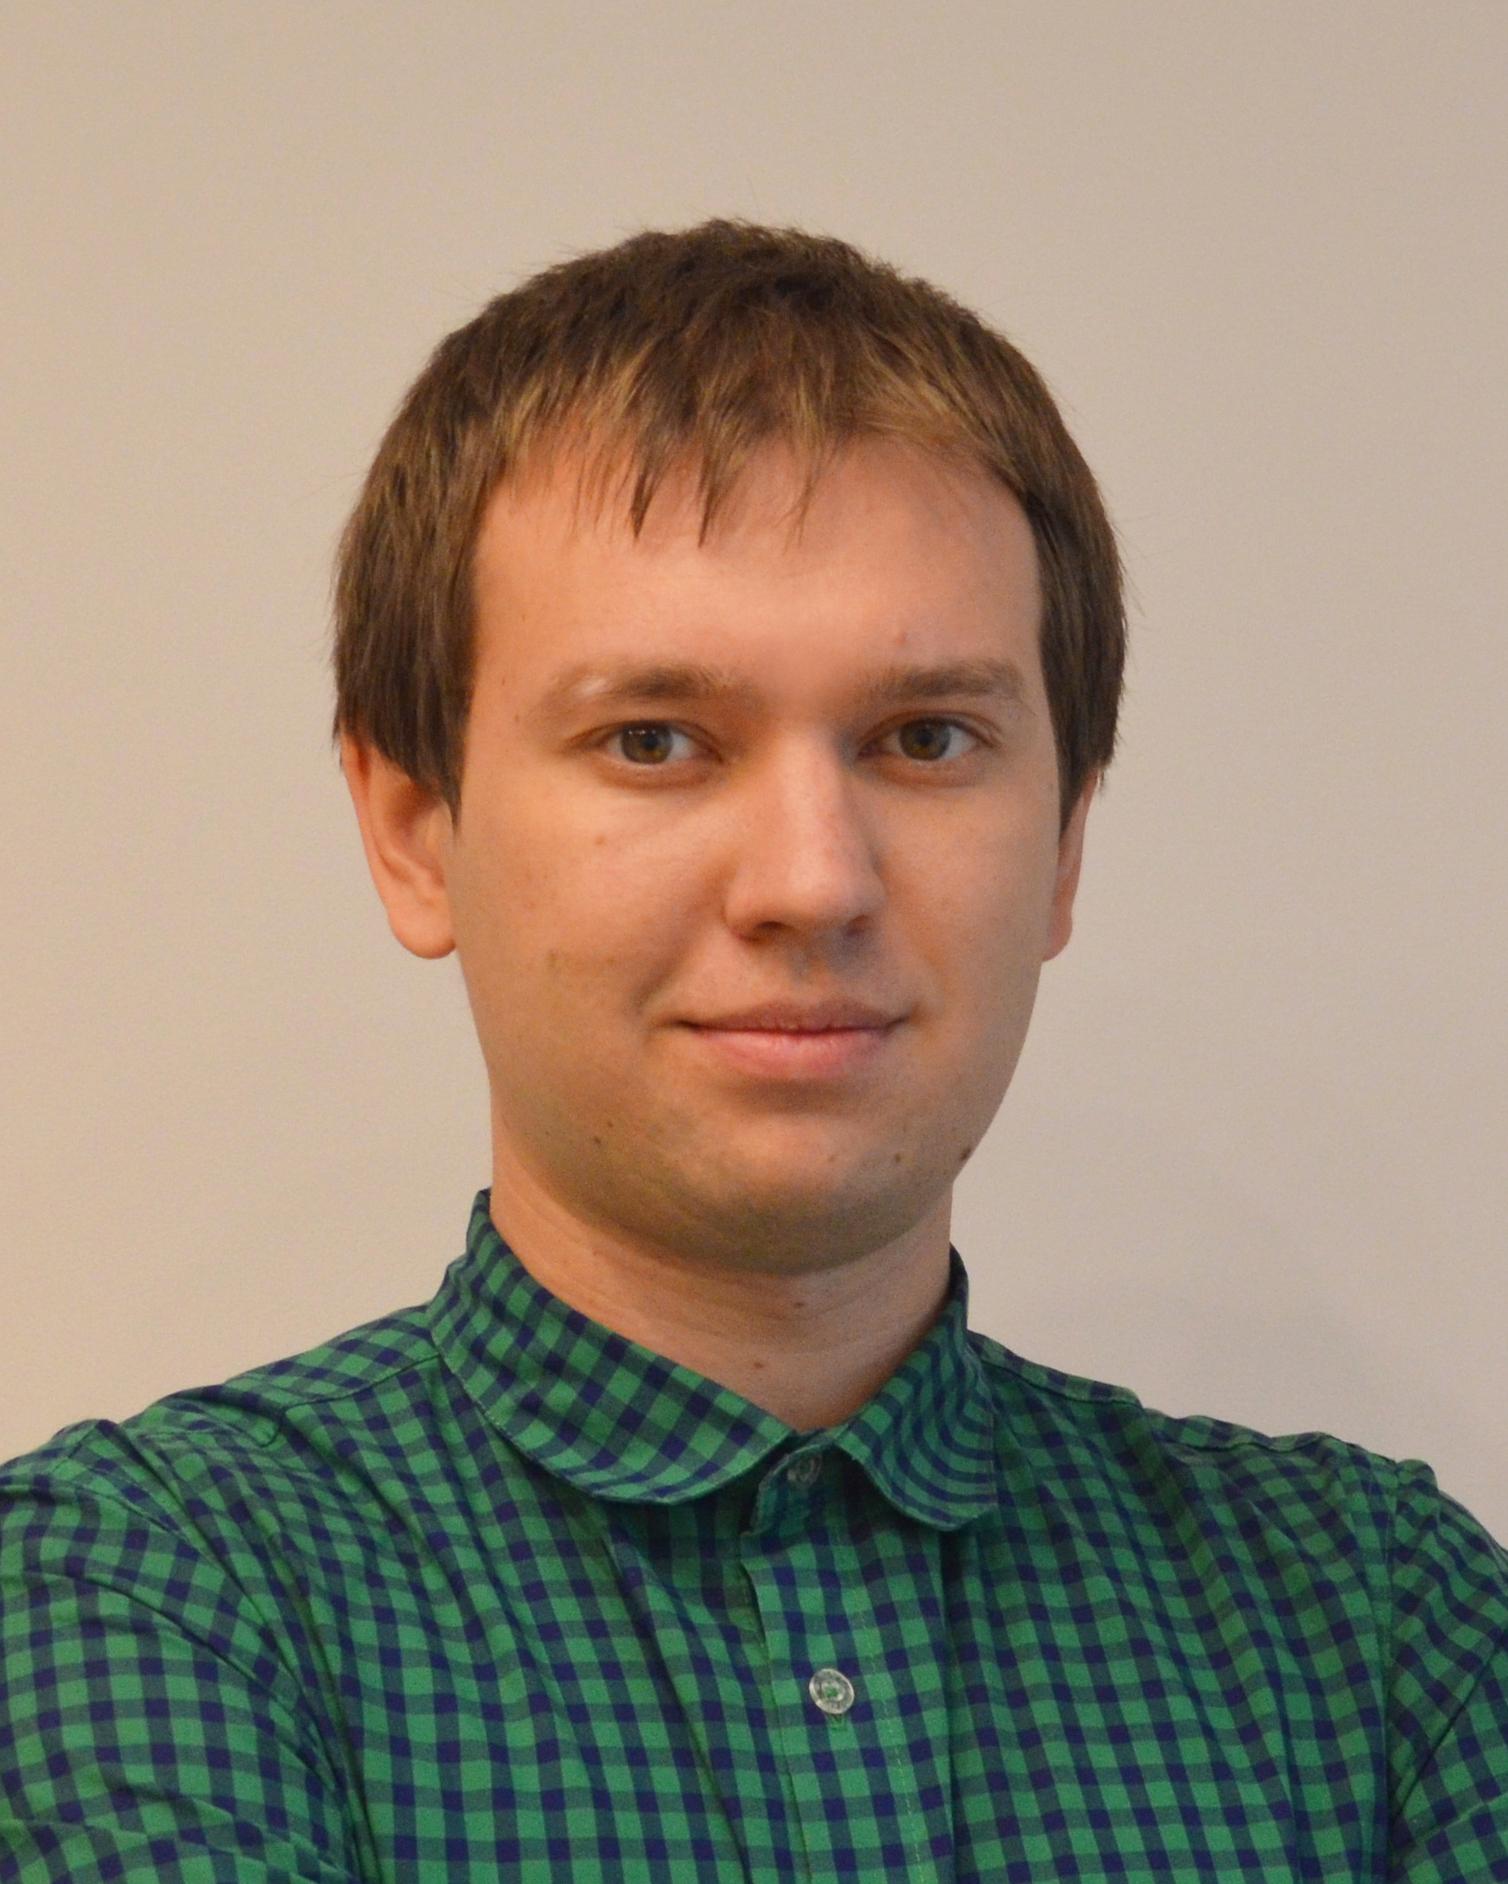 Вітаємо з успішним захистом кандидатської дисертації інженера відділу гідроаеромеханіки енергетичних машин І. П. Бокова!